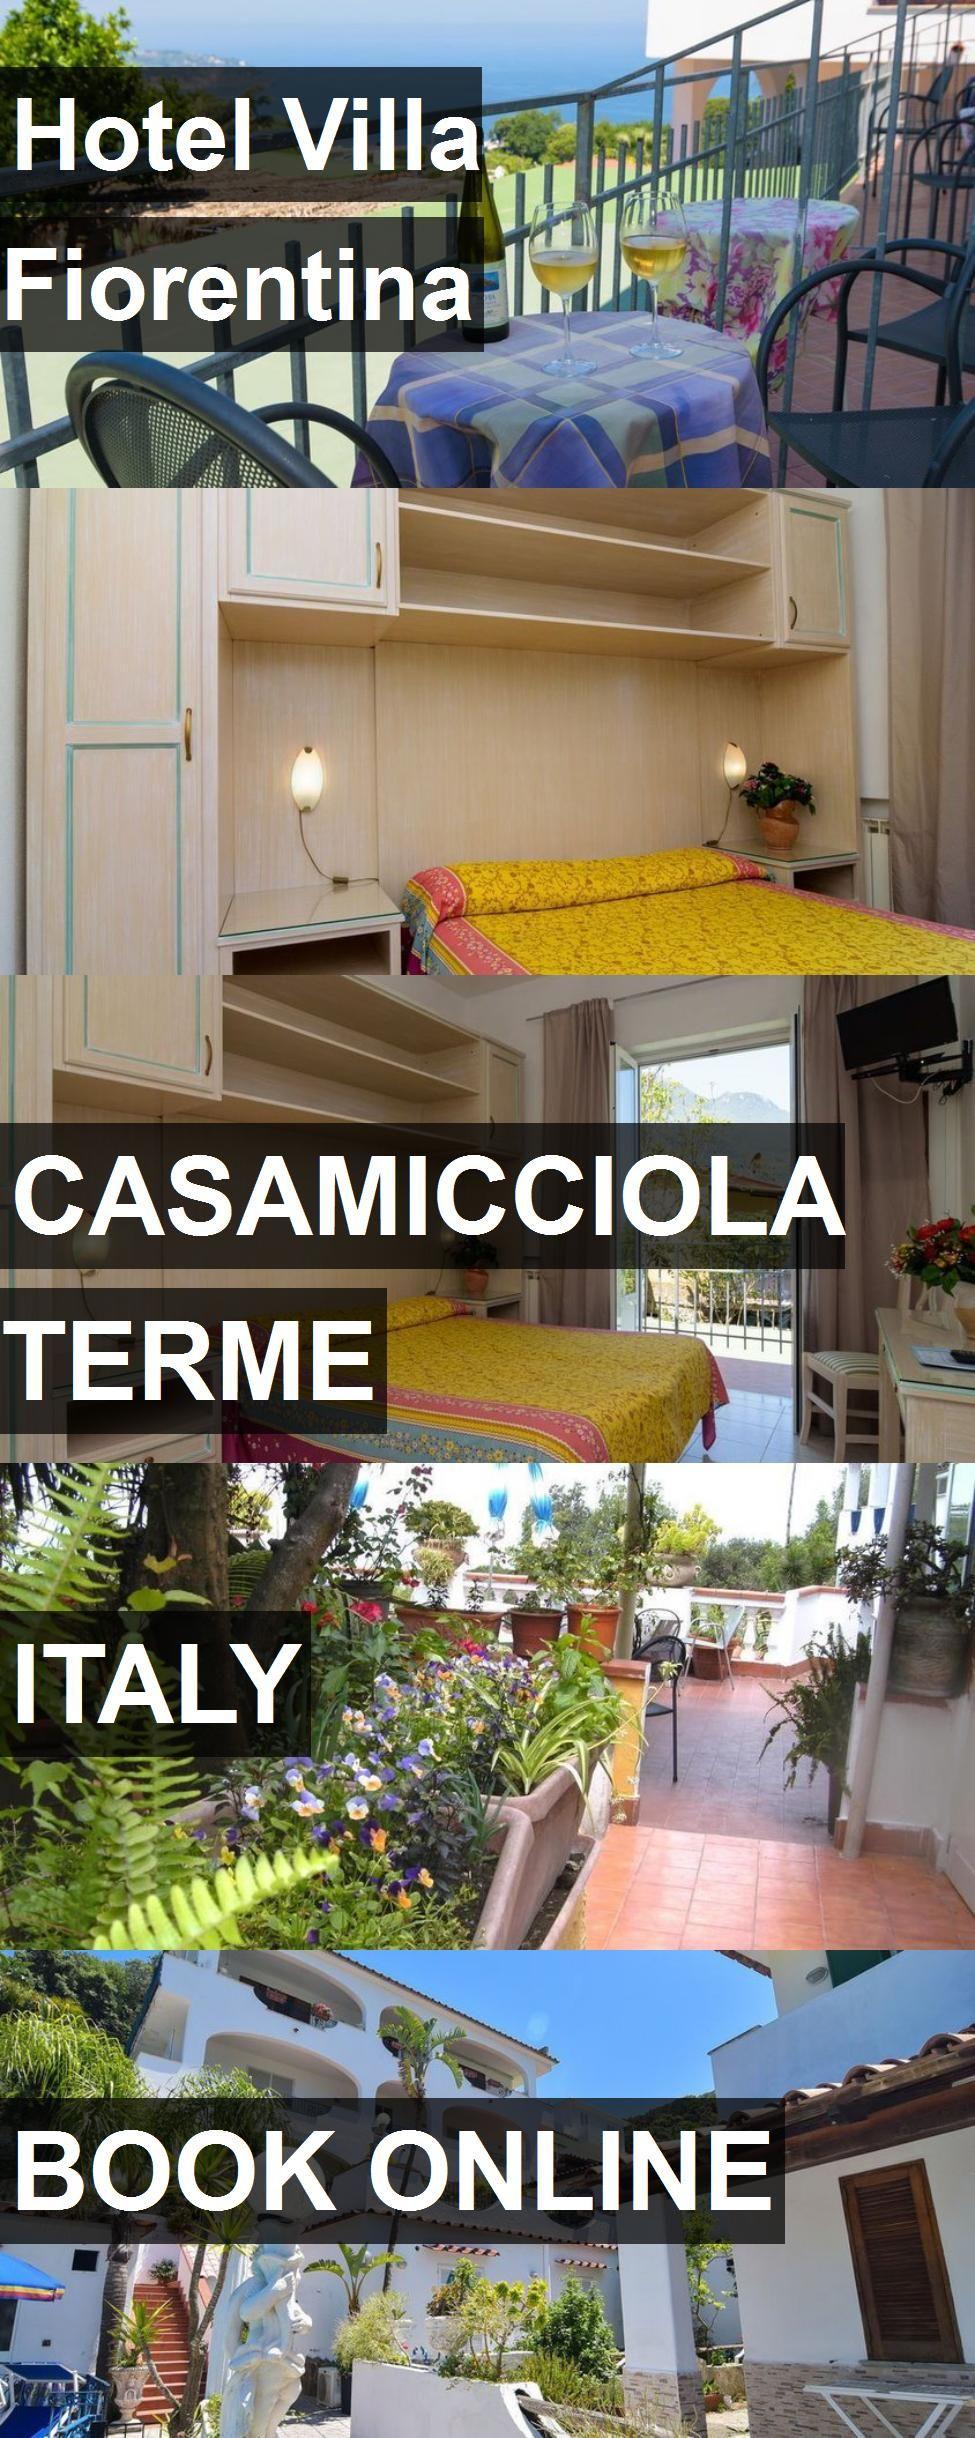 Hotel Villa Fiorentina in Casamicciola Terme, Italy. For